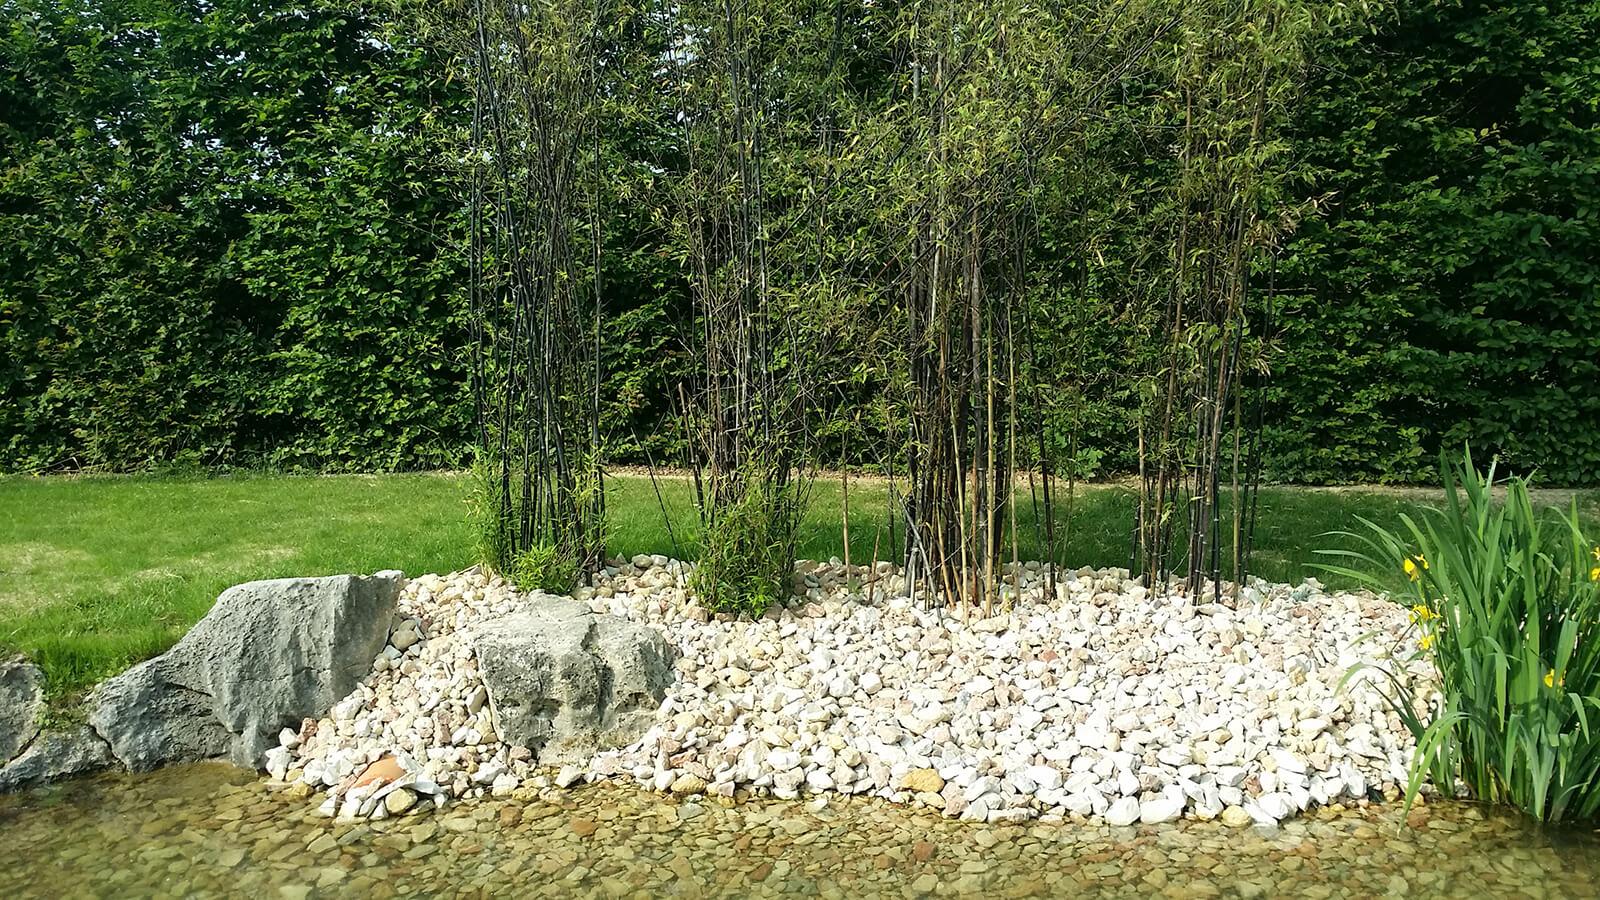 progettazione realizzazione giardini monticello conte otto - verde blu giardini 11